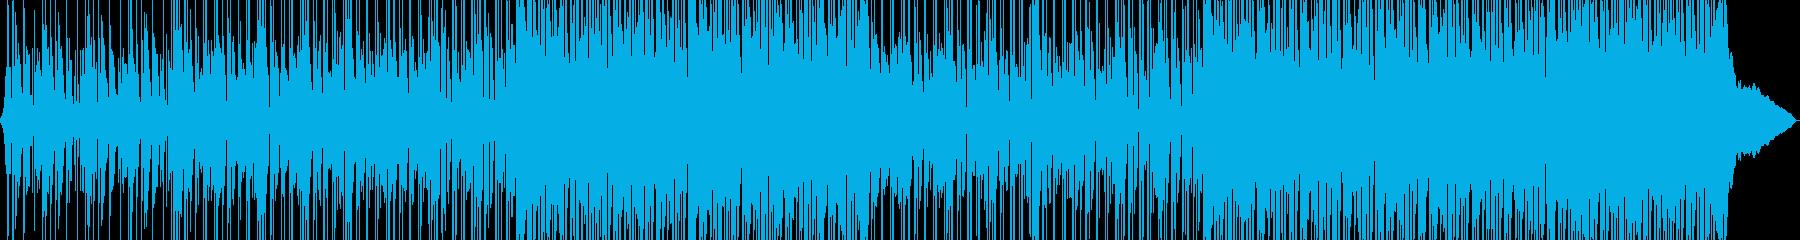 高揚感のある楽しいポップロックの再生済みの波形